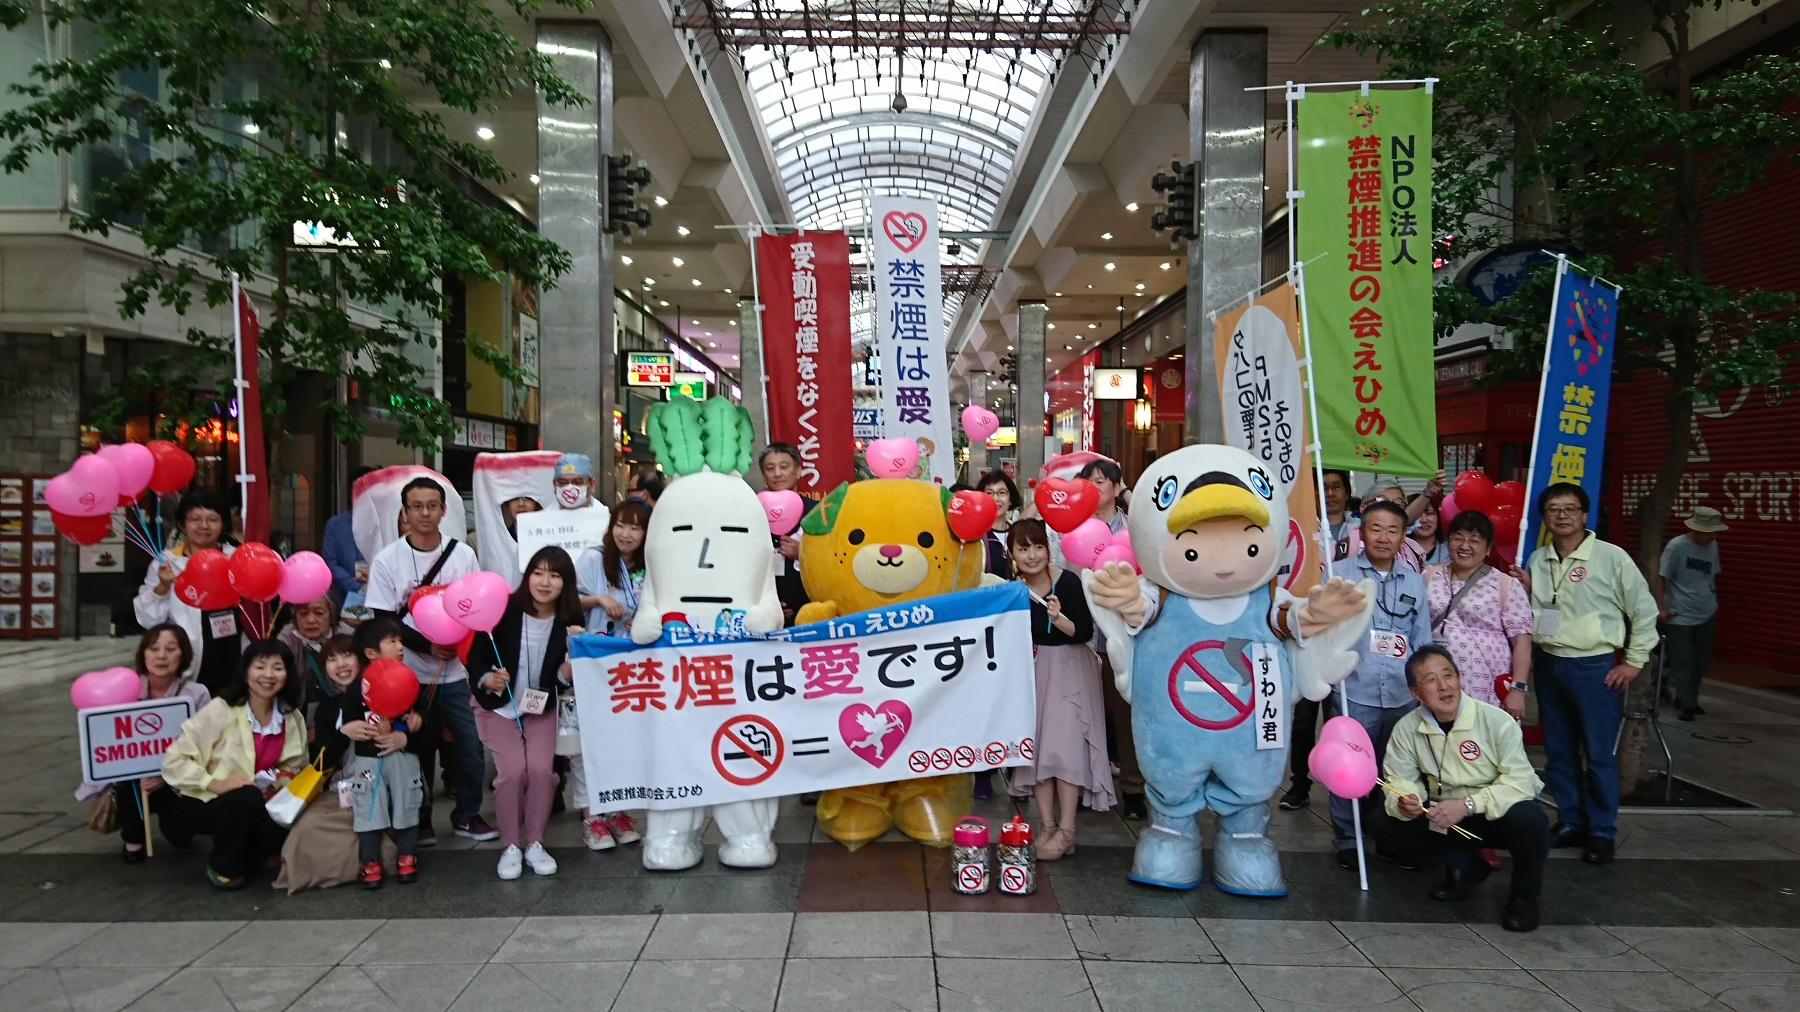 2018世界禁煙デー&禁煙パレード